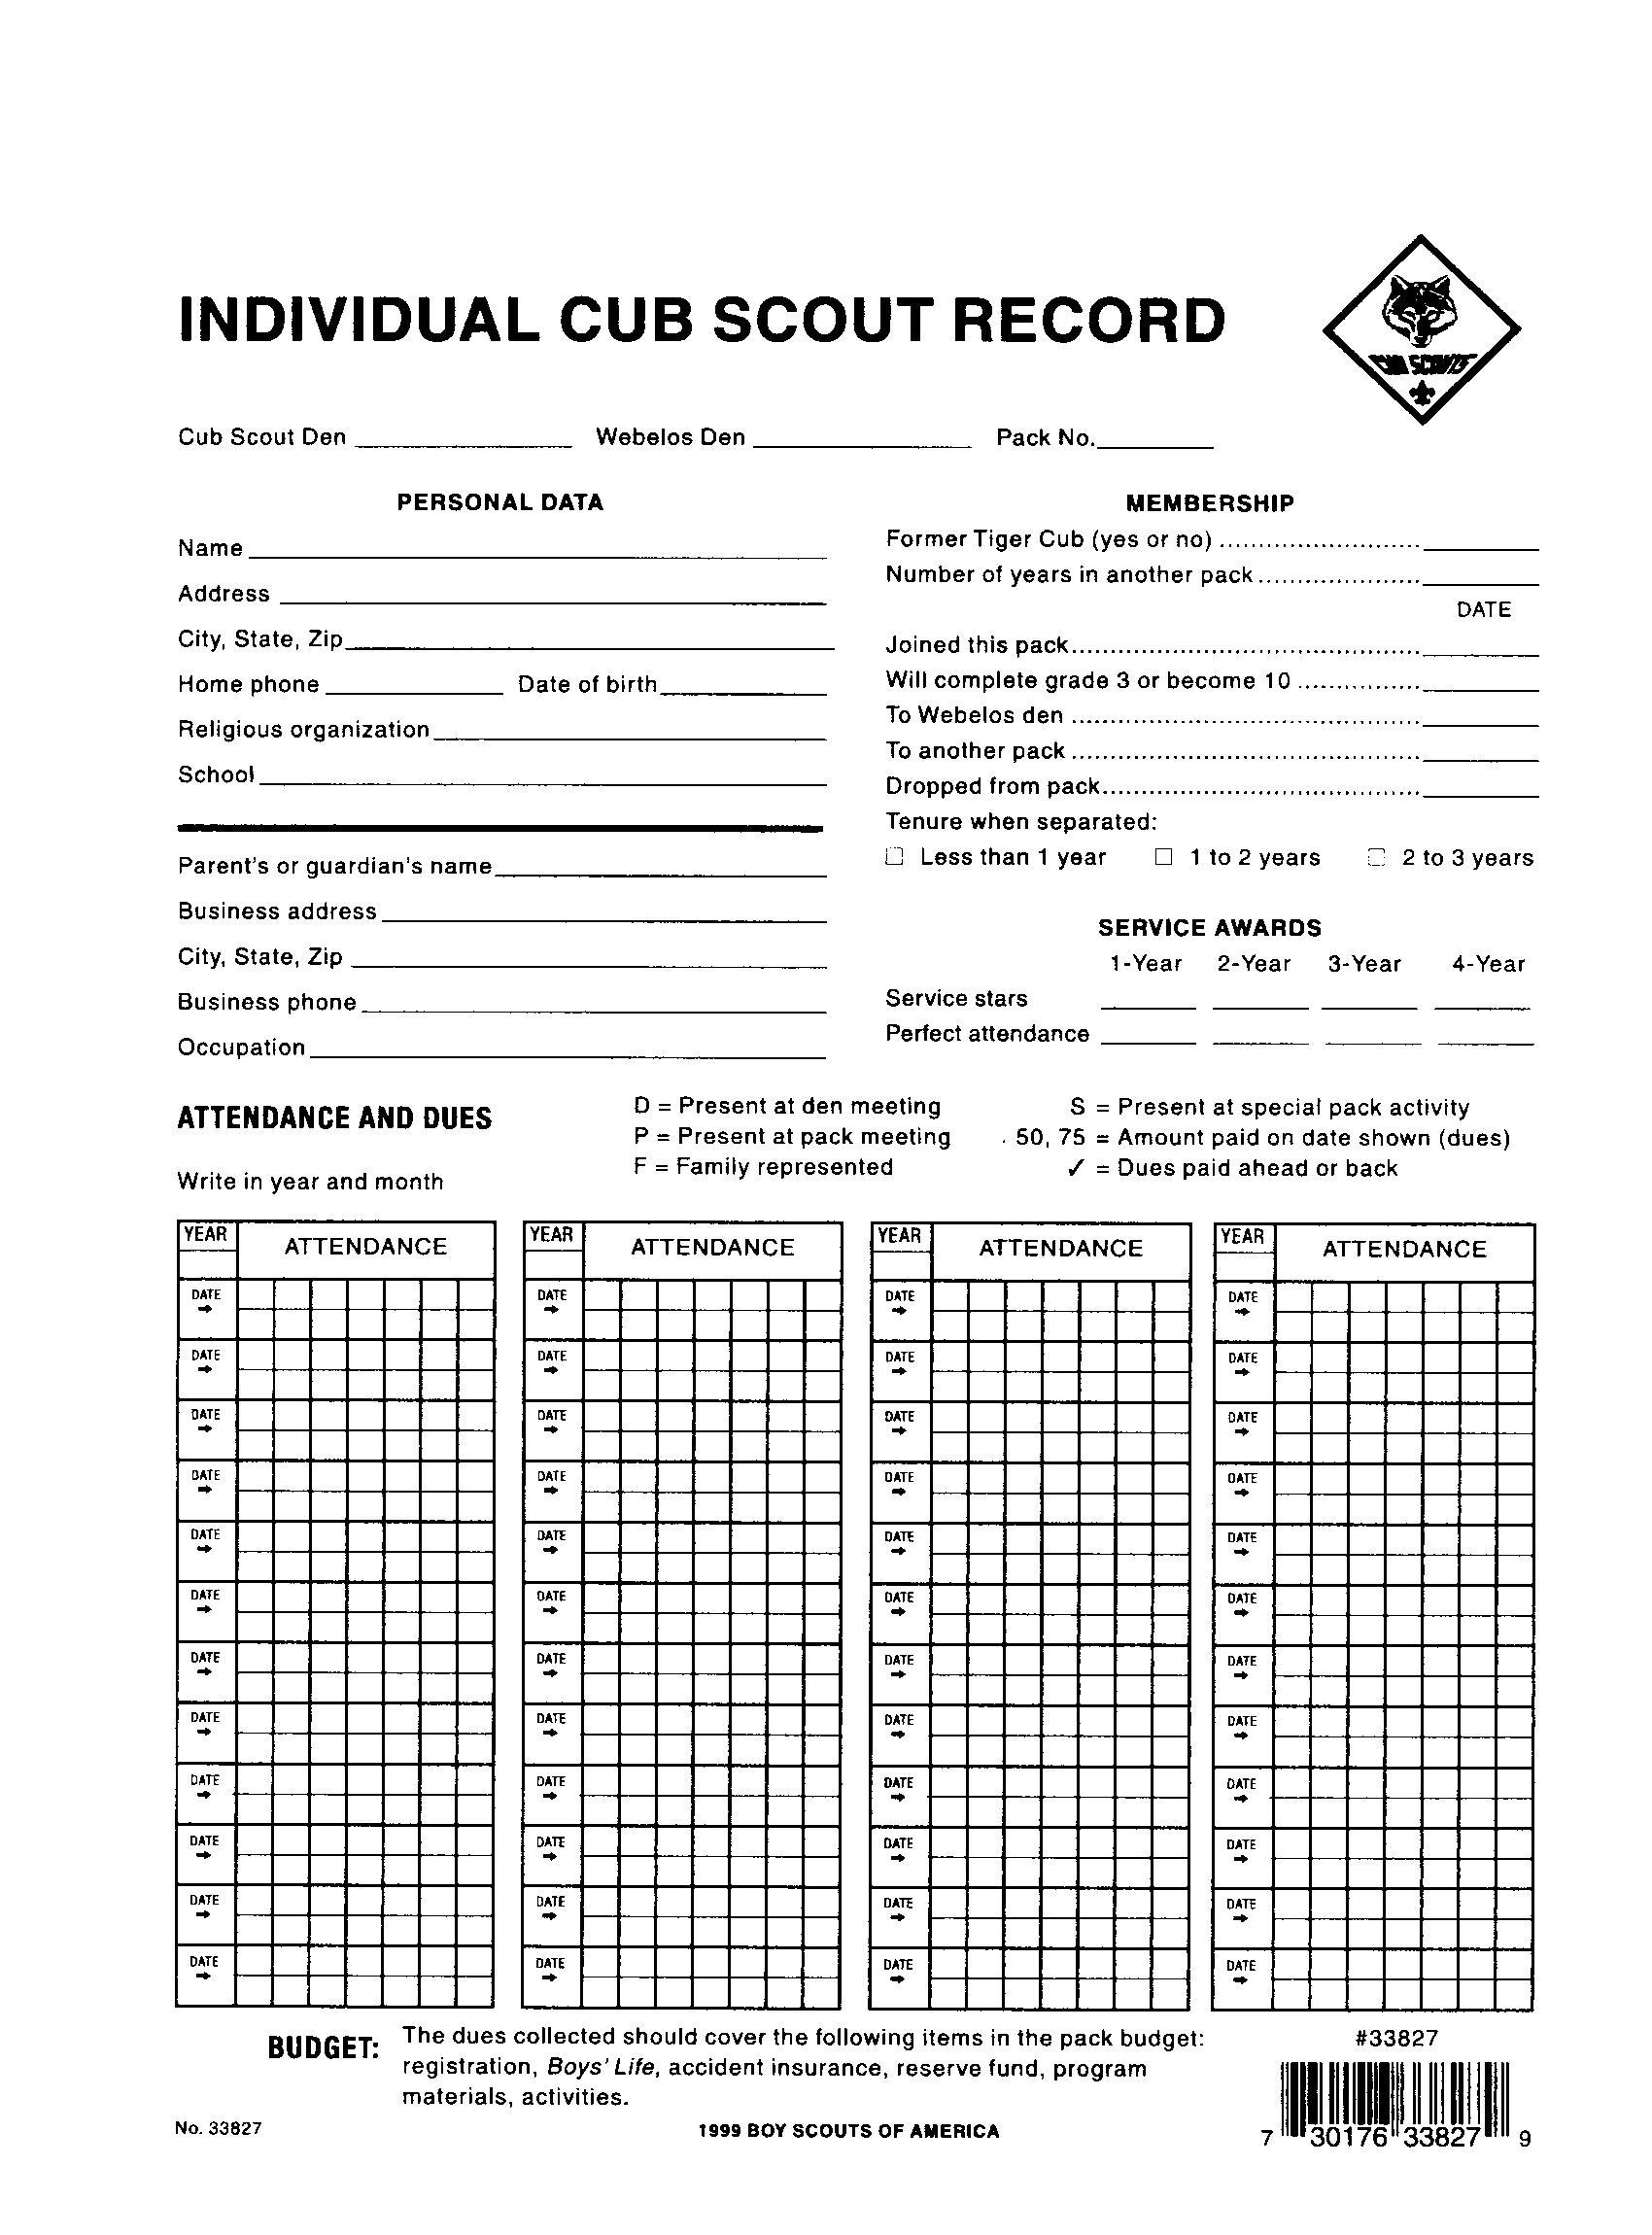 Boy Scout Powerpoint Template - Eliolera.com